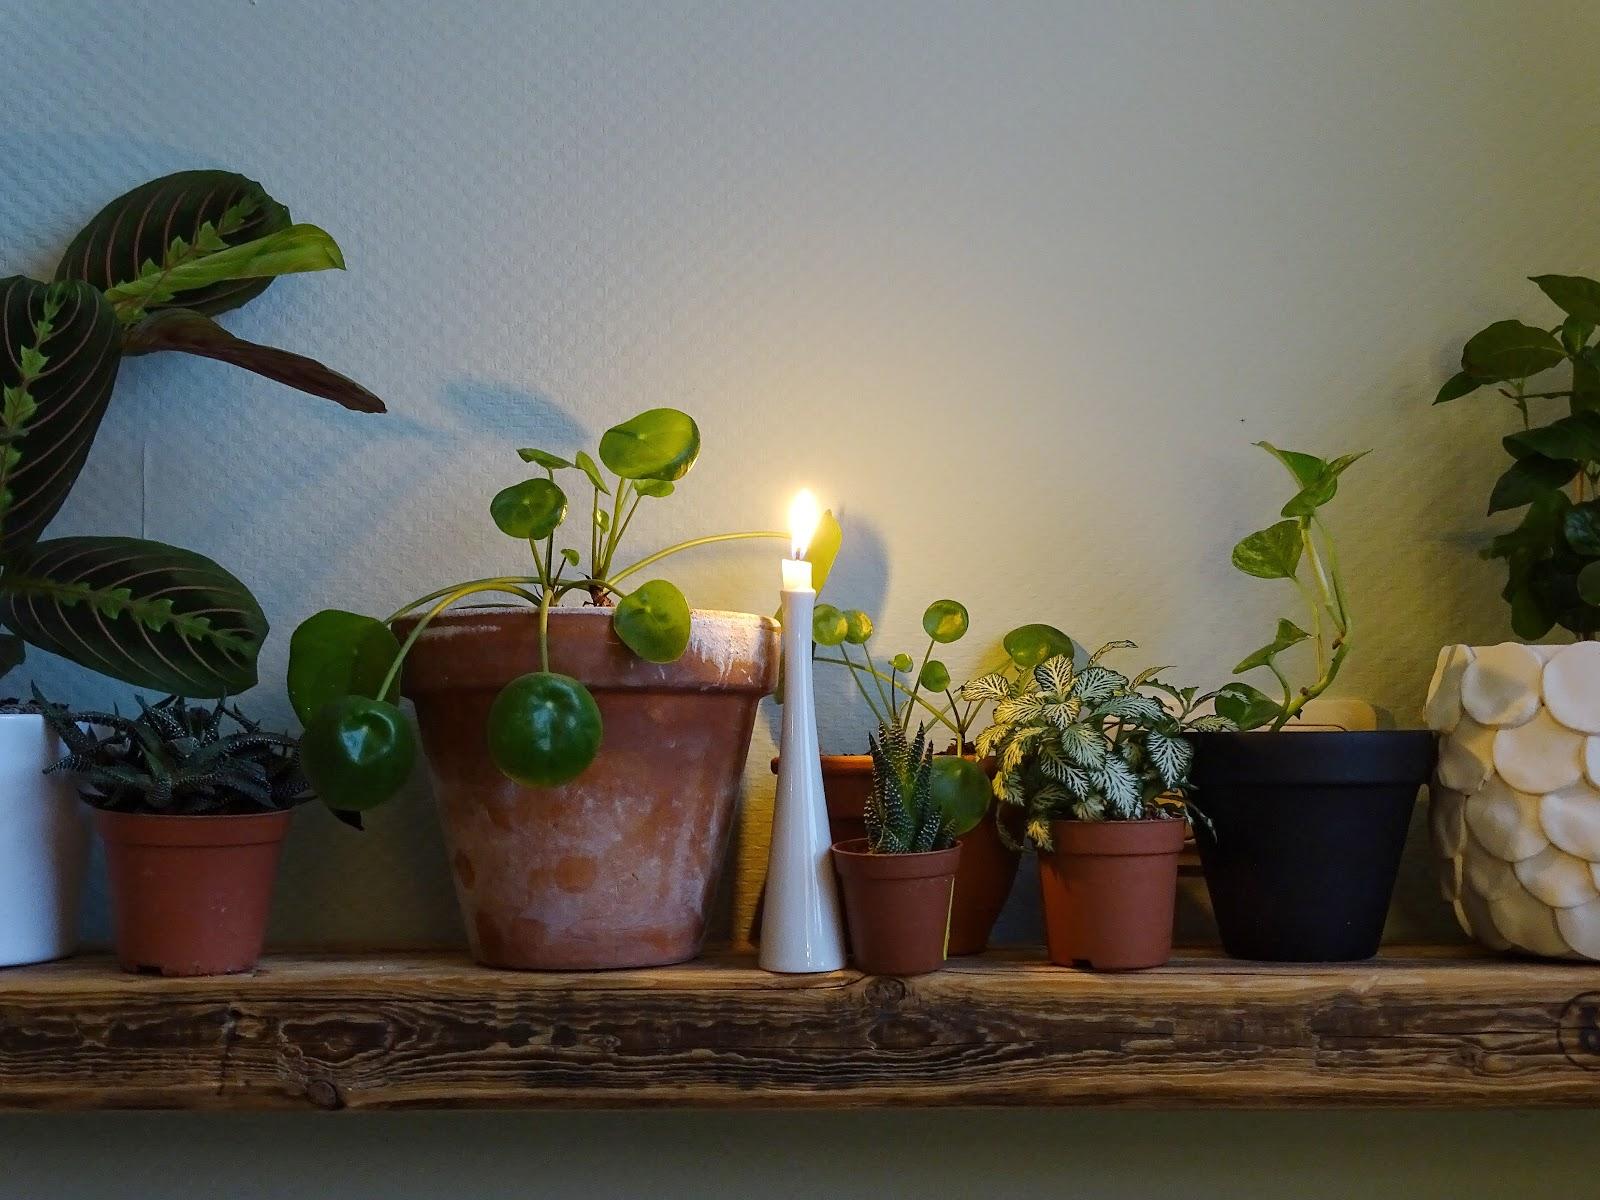 Zimmerpflanzen auf Altholzregal - Fotoaktion #12von12 und 1 Tag in 12 Bildern - https://mammilade.blogspot.de